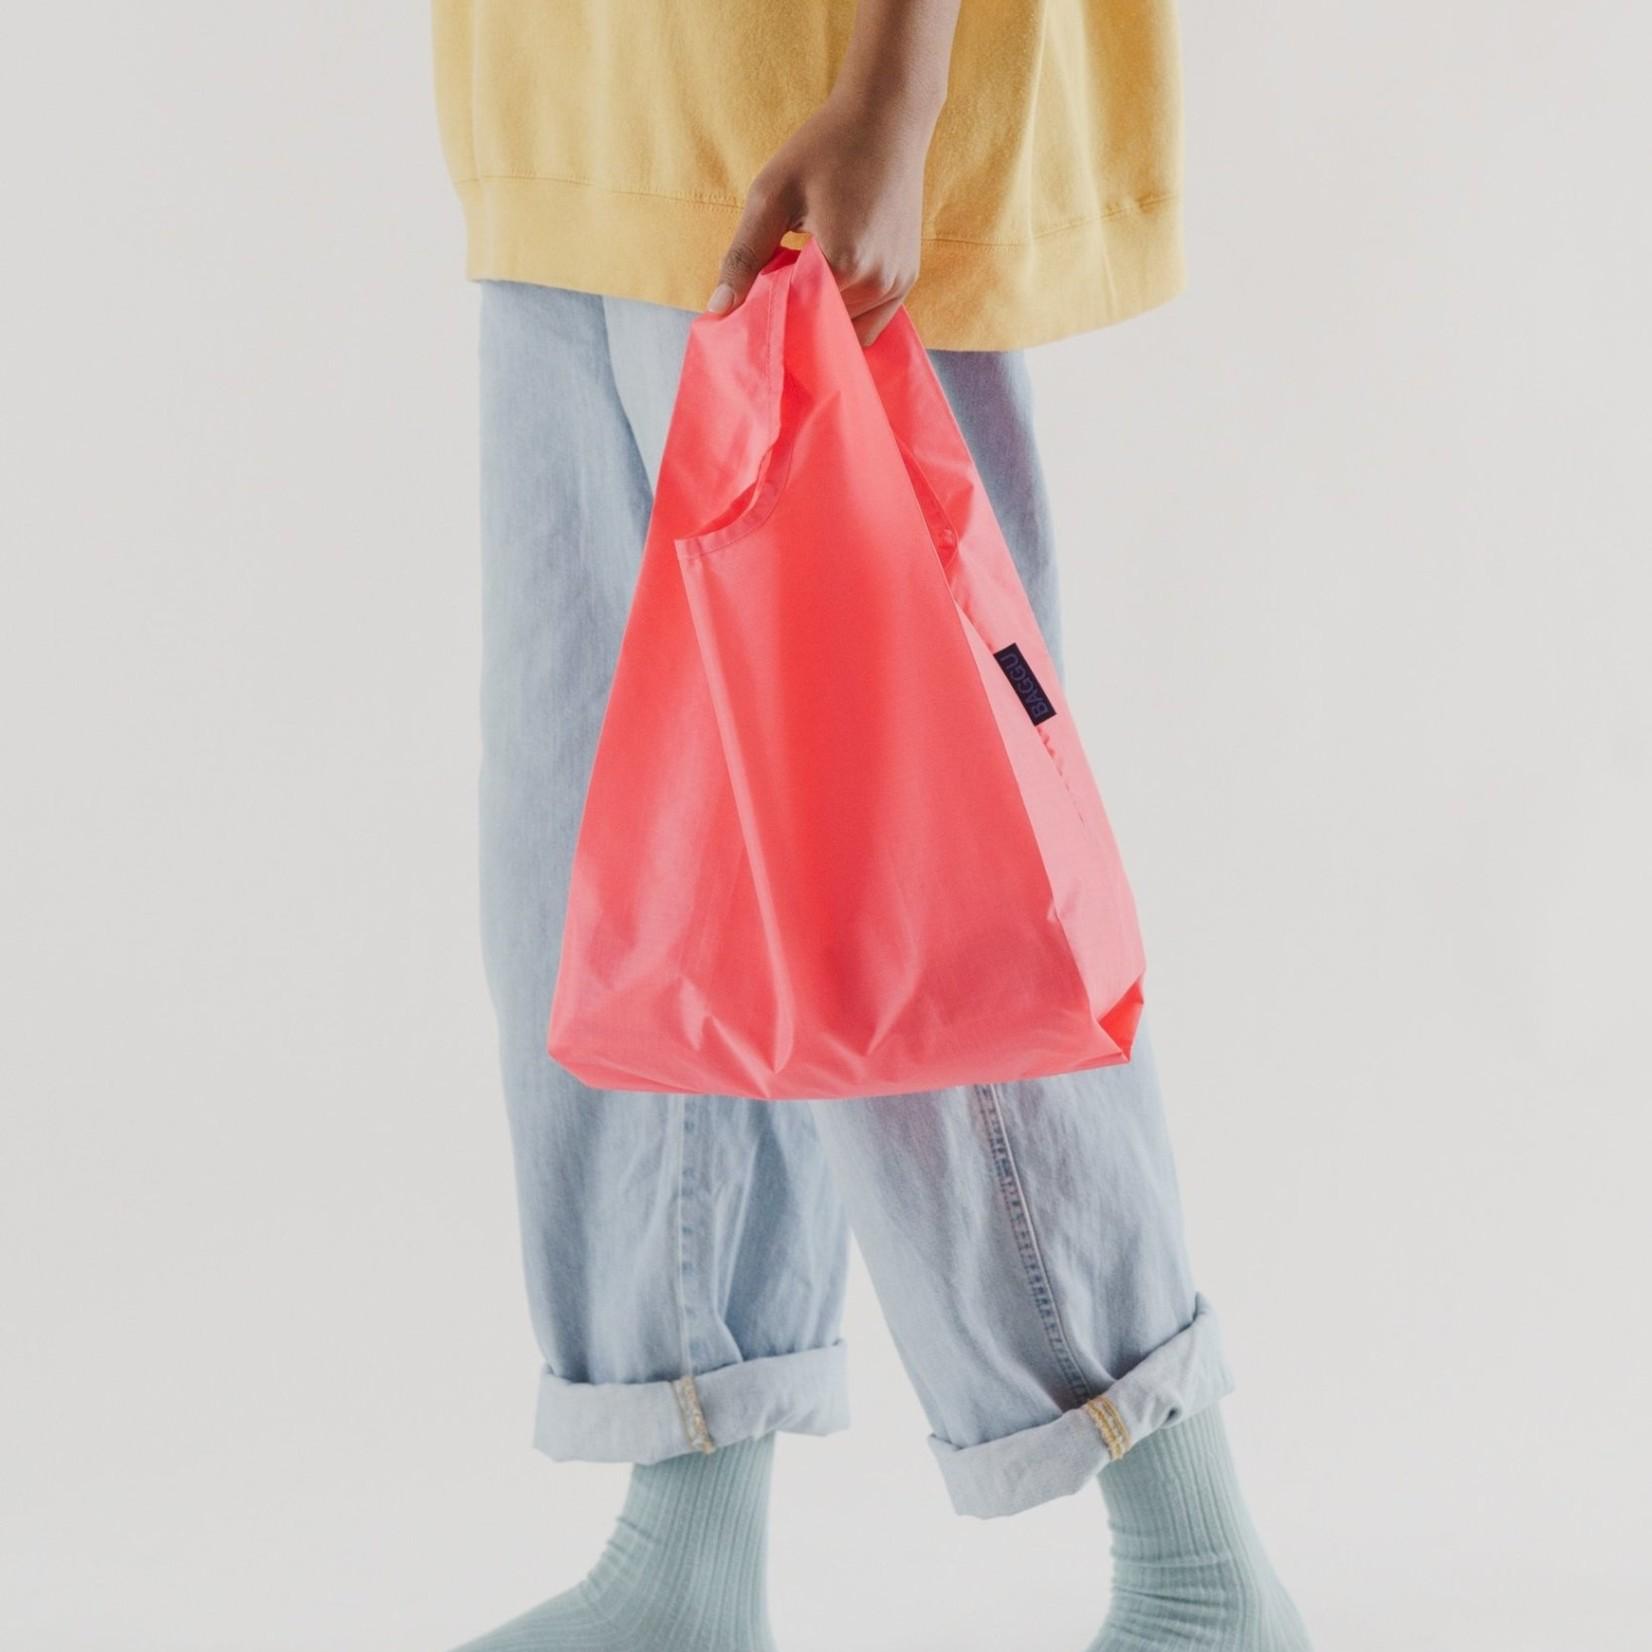 Baggu Baggu Reusable Bag Baby Watermelon Pink